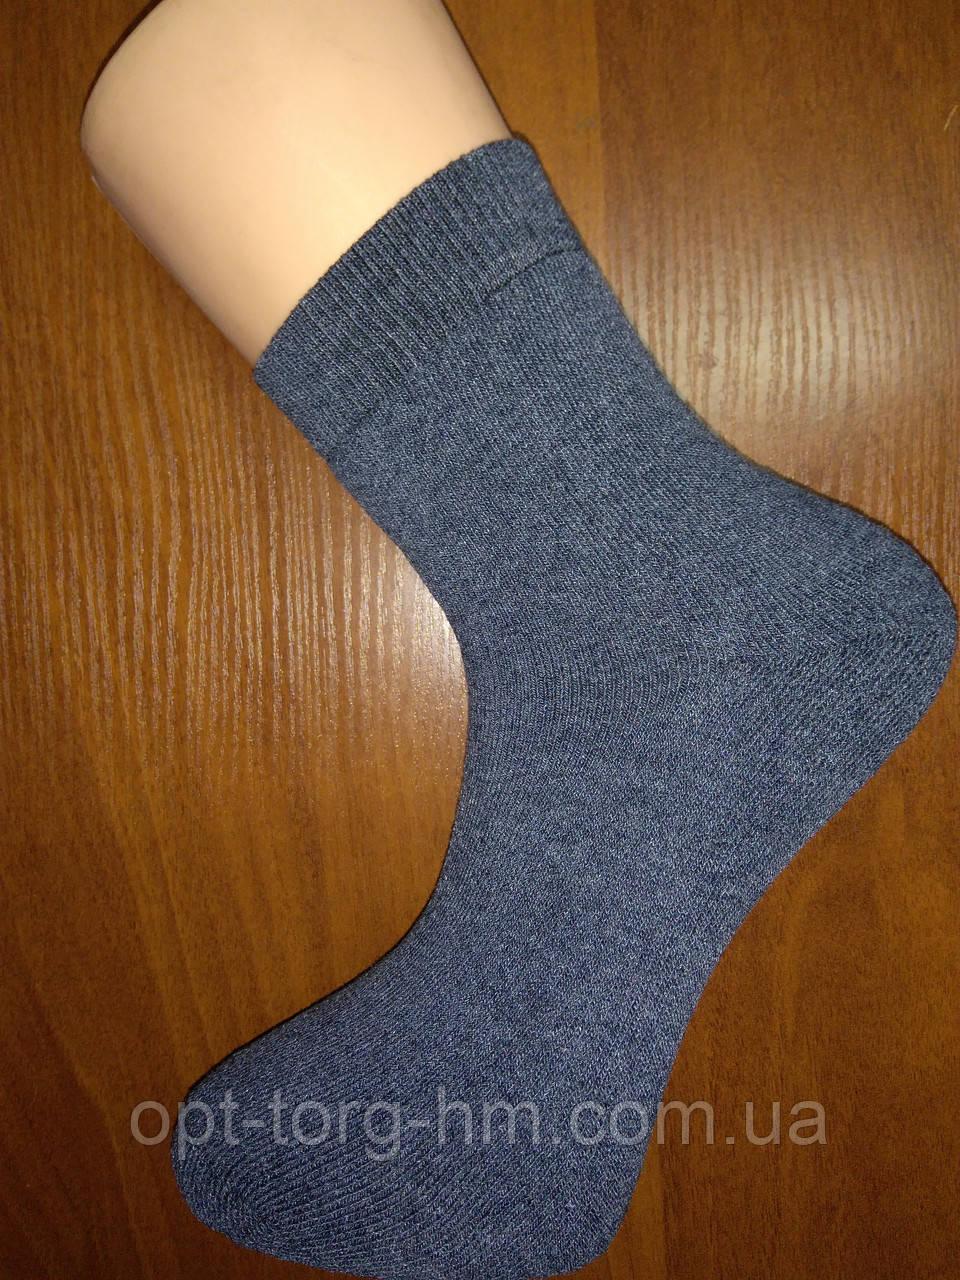 Мужские х\б махровые носки синие 29р. (43-44обувь)